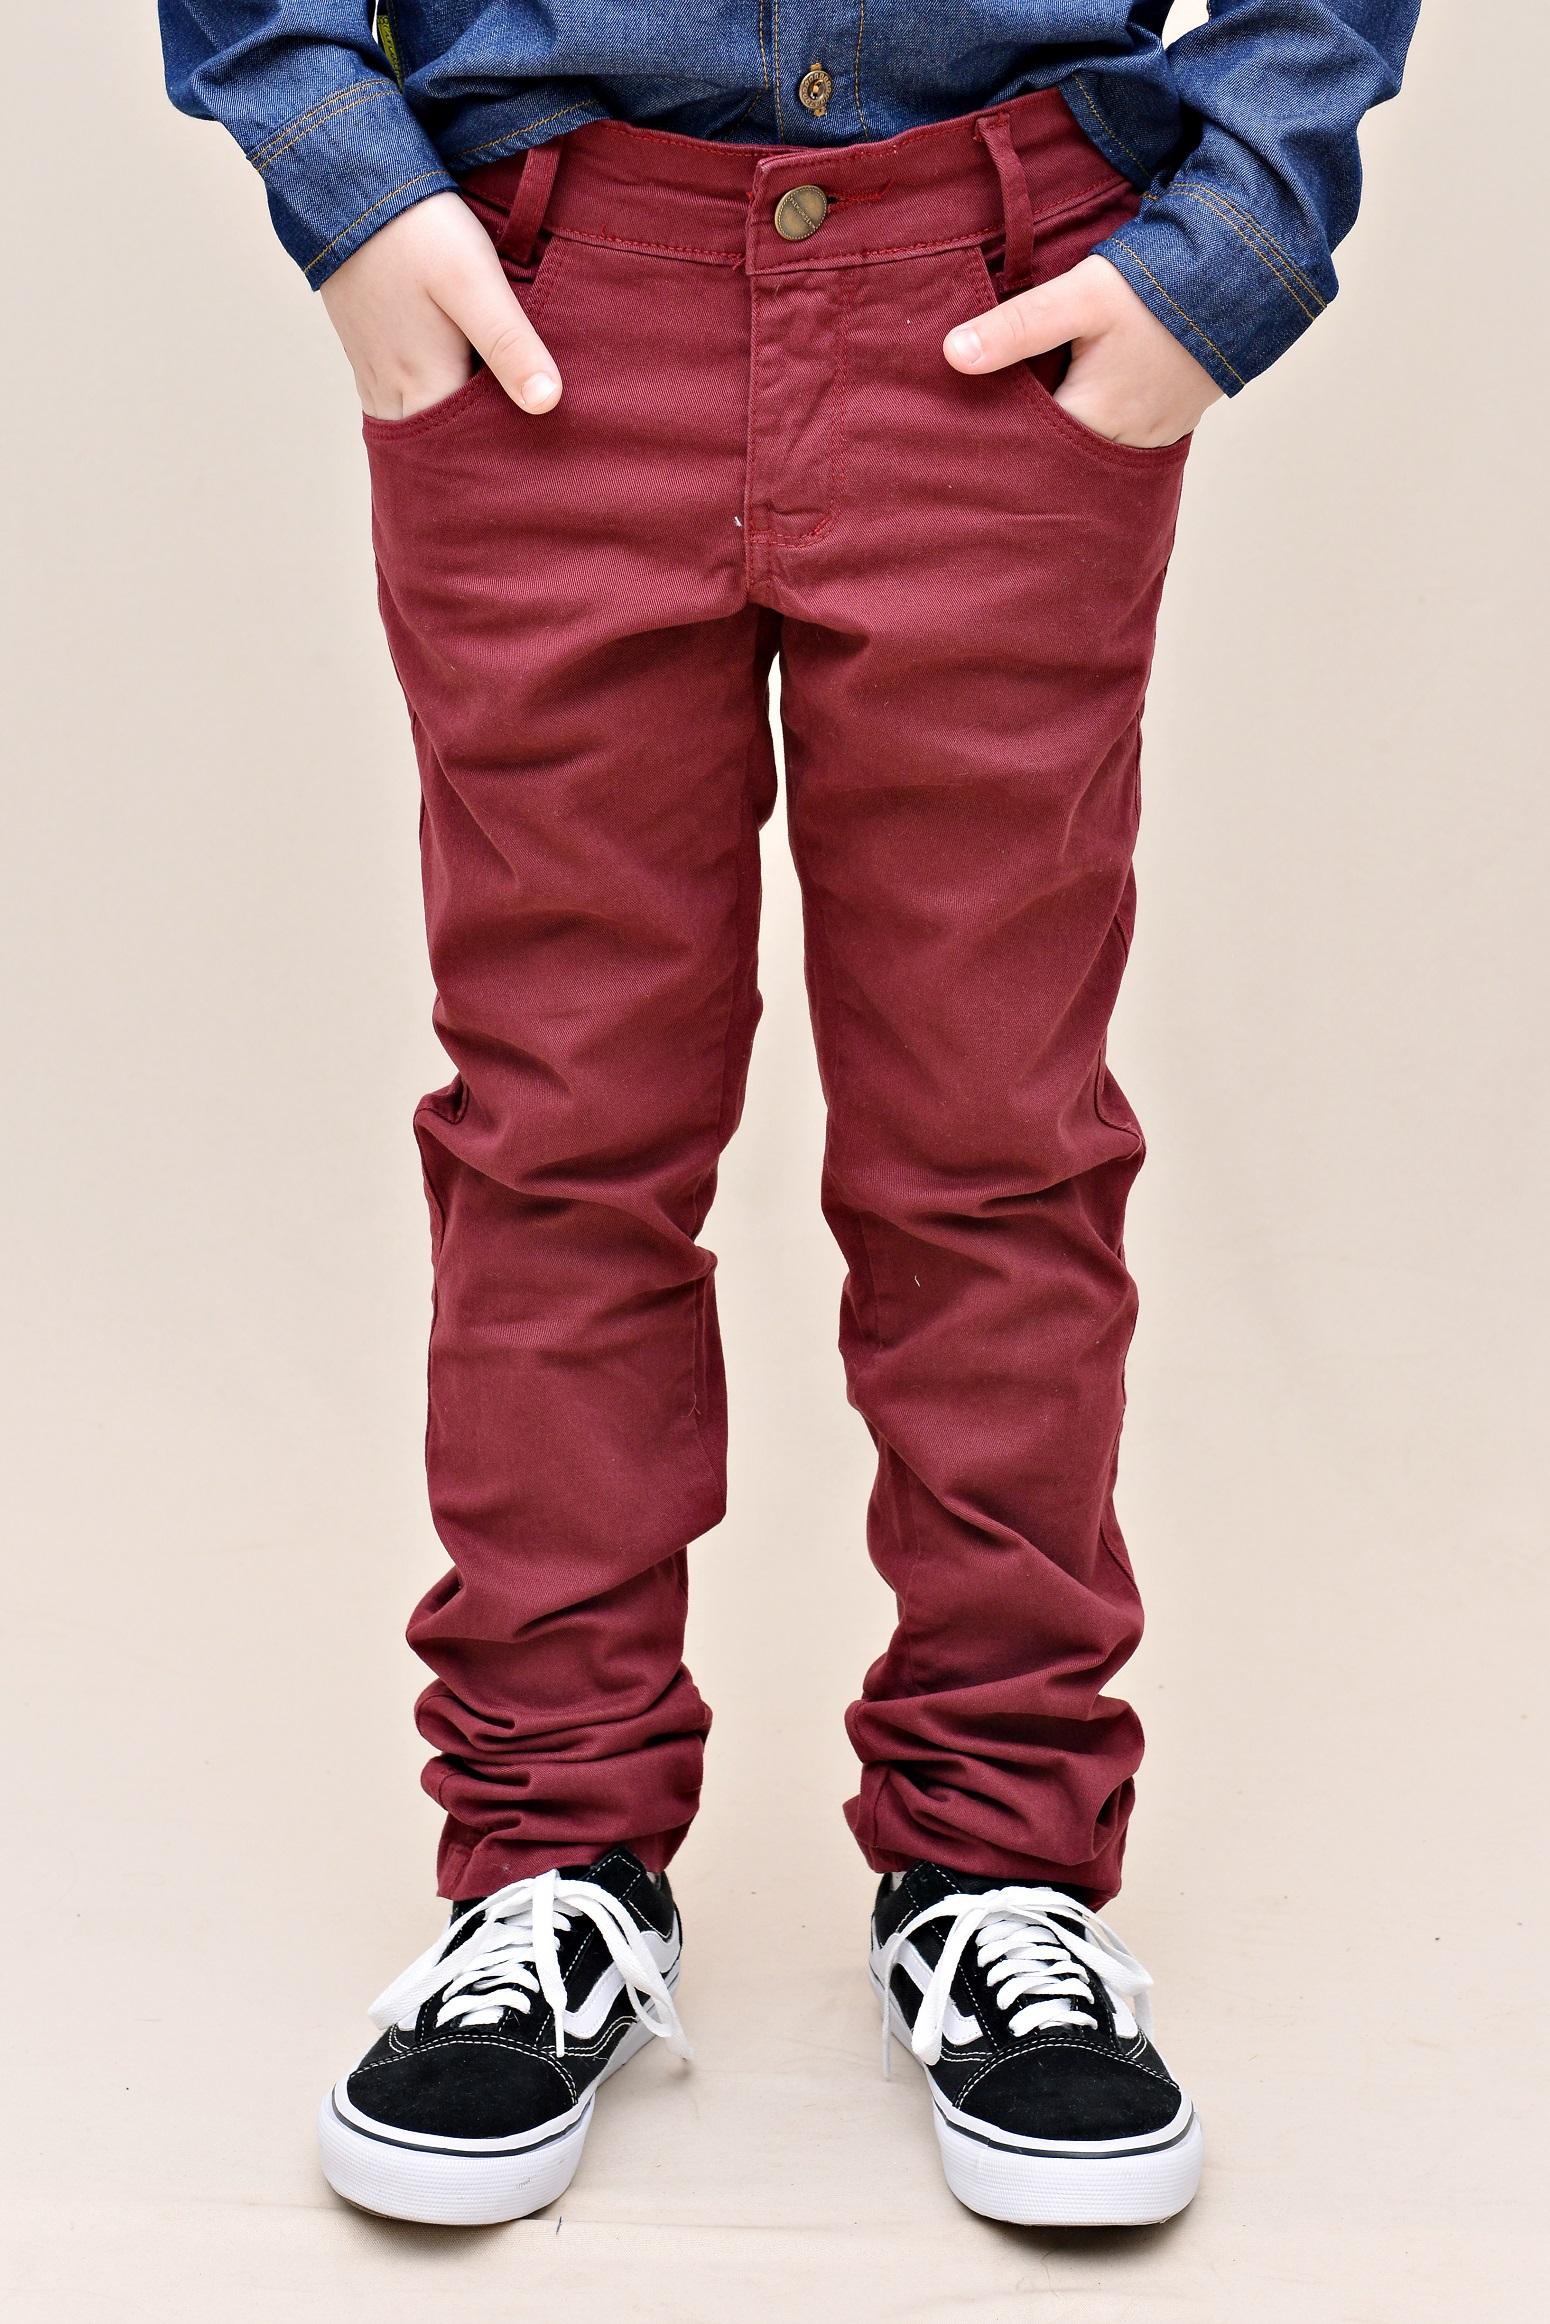 Calça Jeans Masculina - Circuito Jeans